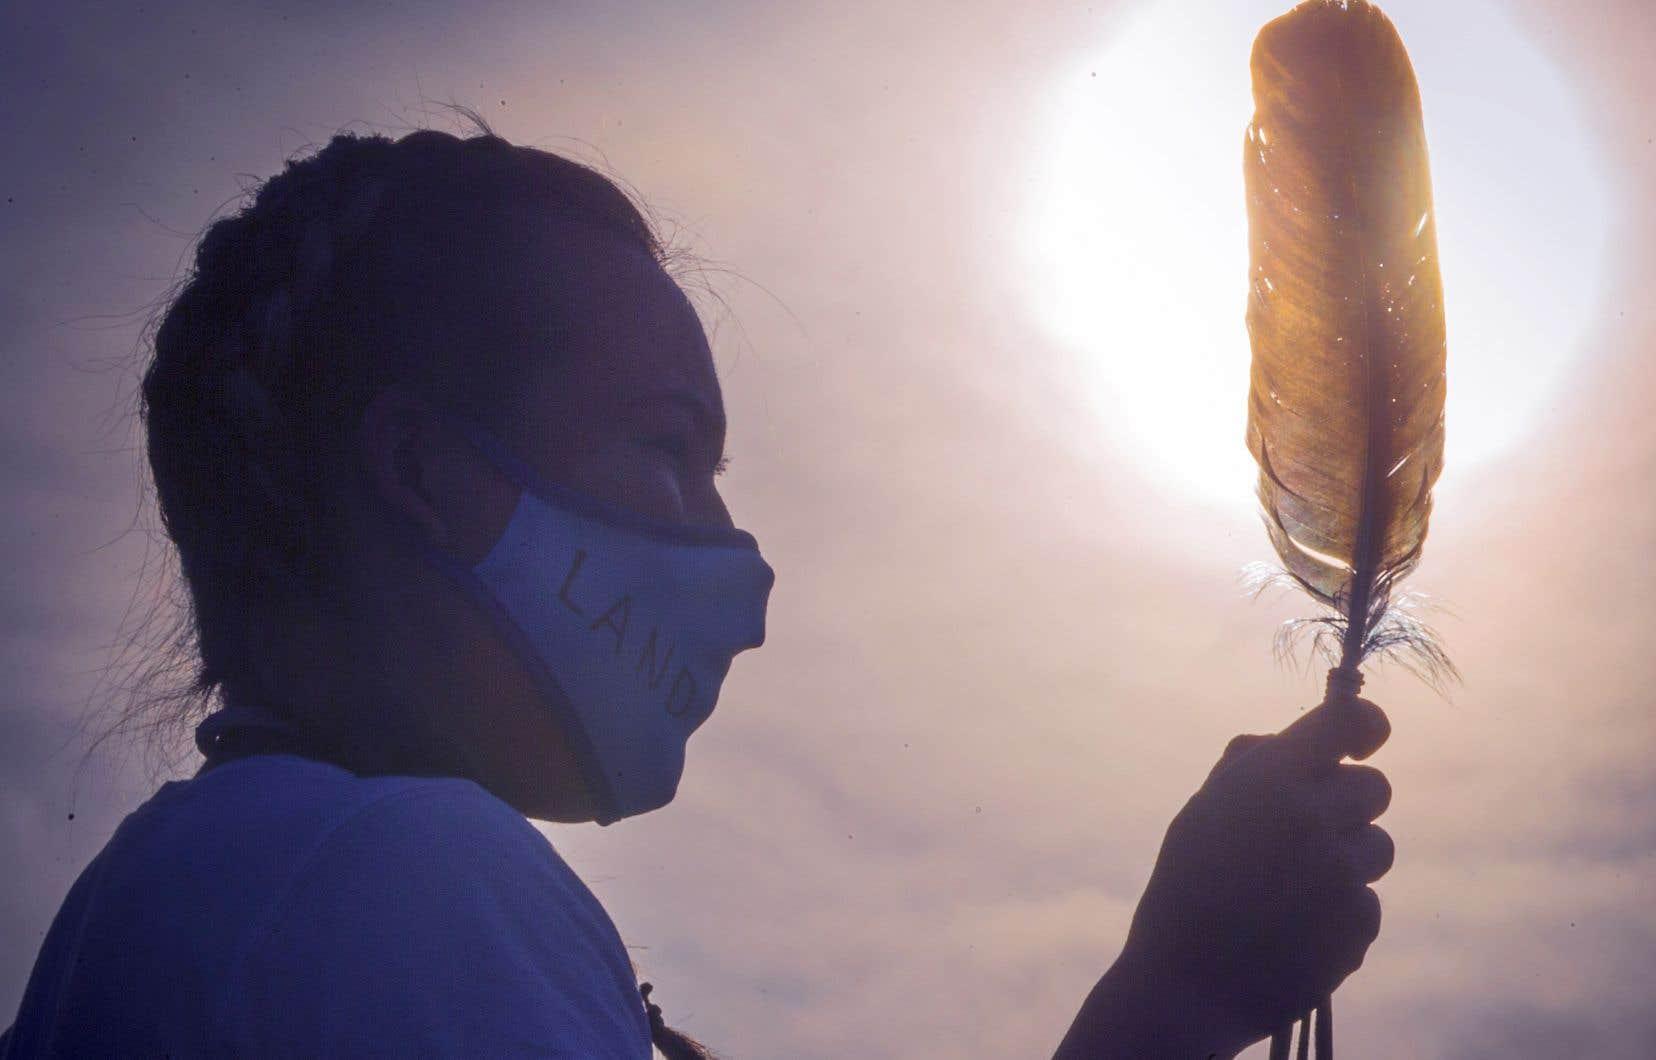 Lors d'une cérémonie commémorative à Montréal, ce printemps, à la mémoire des 215 enfants dont les restes furent découverts sur le site de l'ancien pensionnat autochtone de Kamloops, en Colombie-Britannique.